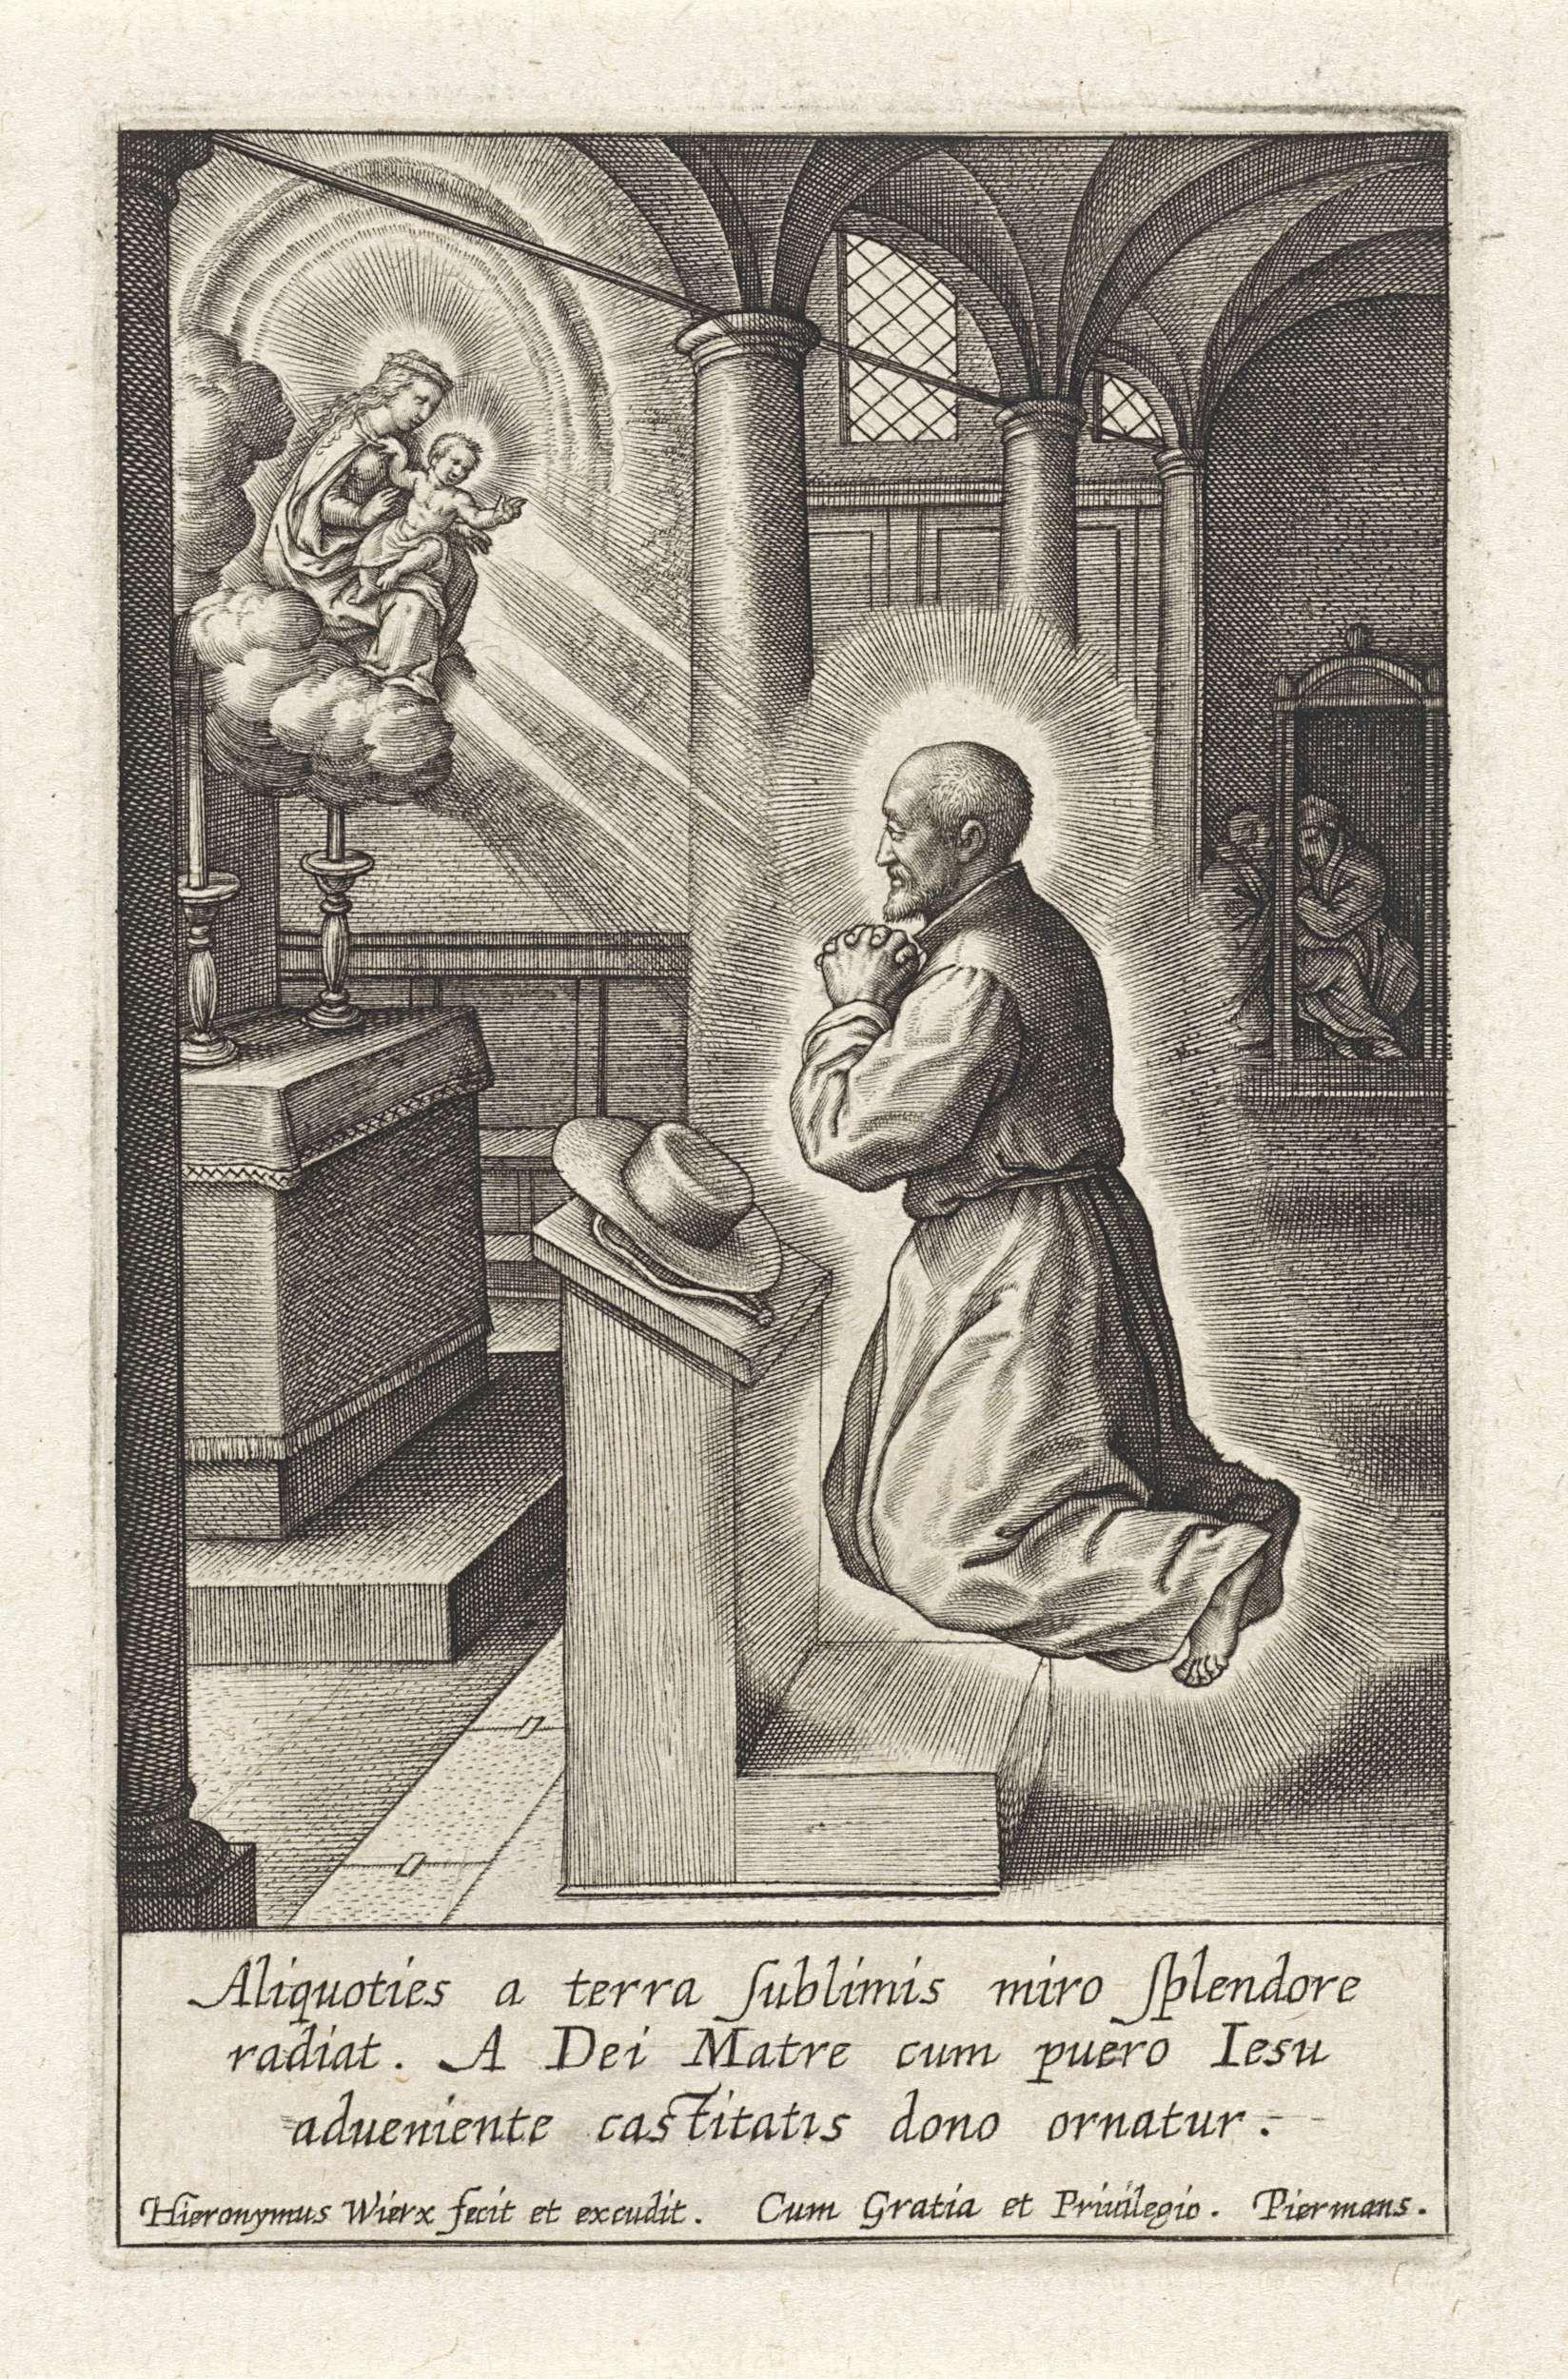 Hieronymus Wierix   Ignatius van Loyola heeft een visioen van Maria met het Christuskind, Hieronymus Wierix, 1611 - 1615   Ignatius van Loyola, zwevend voor een altaar in een kerk. Hij is in gebed en krijgt een visioen van Maria en het Christuskind op de wolken. Het Kind maakt een zegenend gebaar. In de marge een drieregelig onderschrift in het Latijn.